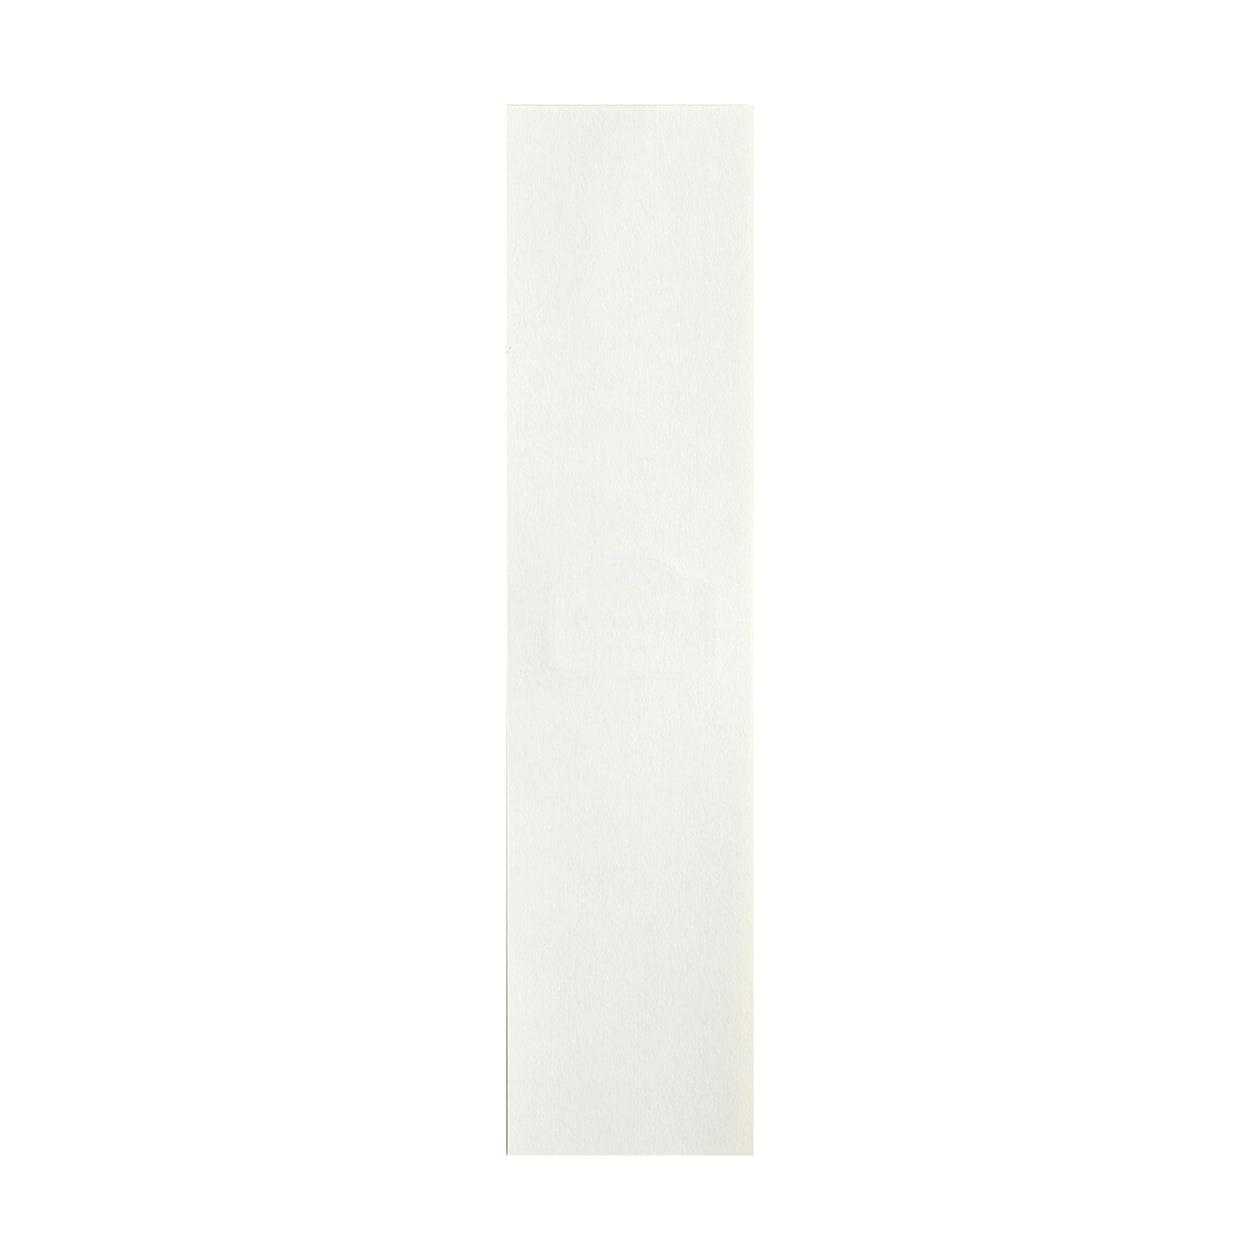 サンプル カード・シート 00429